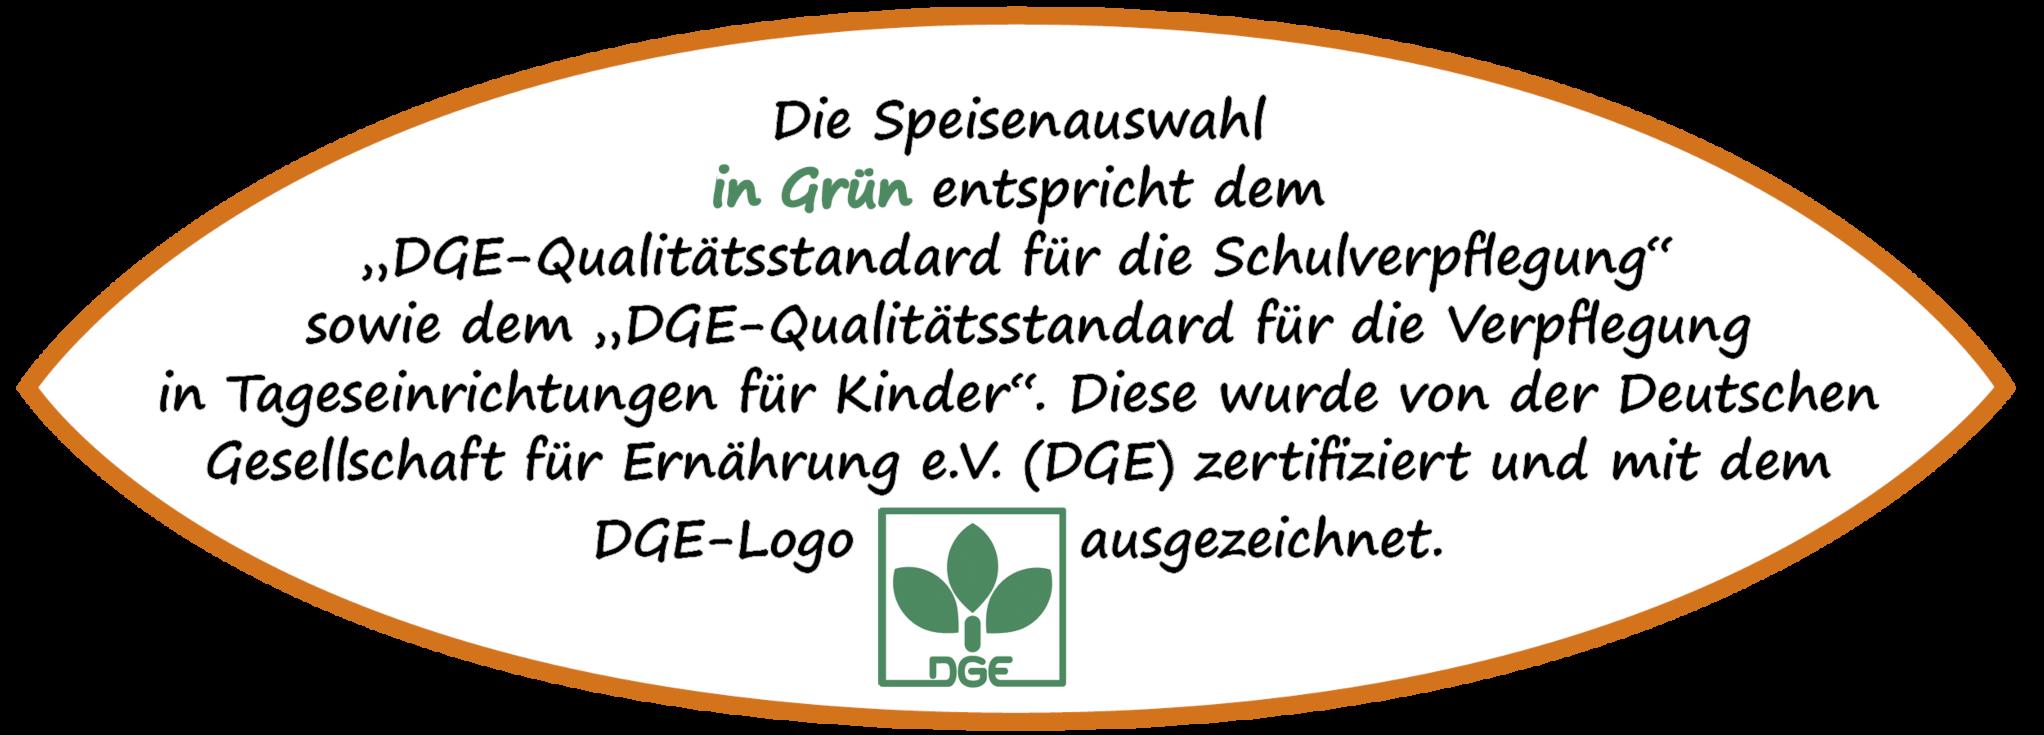 Die grüne Menülinie in den Menüplänen von El Tucano            wurde von der DGE(Deutsche Gesellschaft für Ernährung)            zertifiziert.